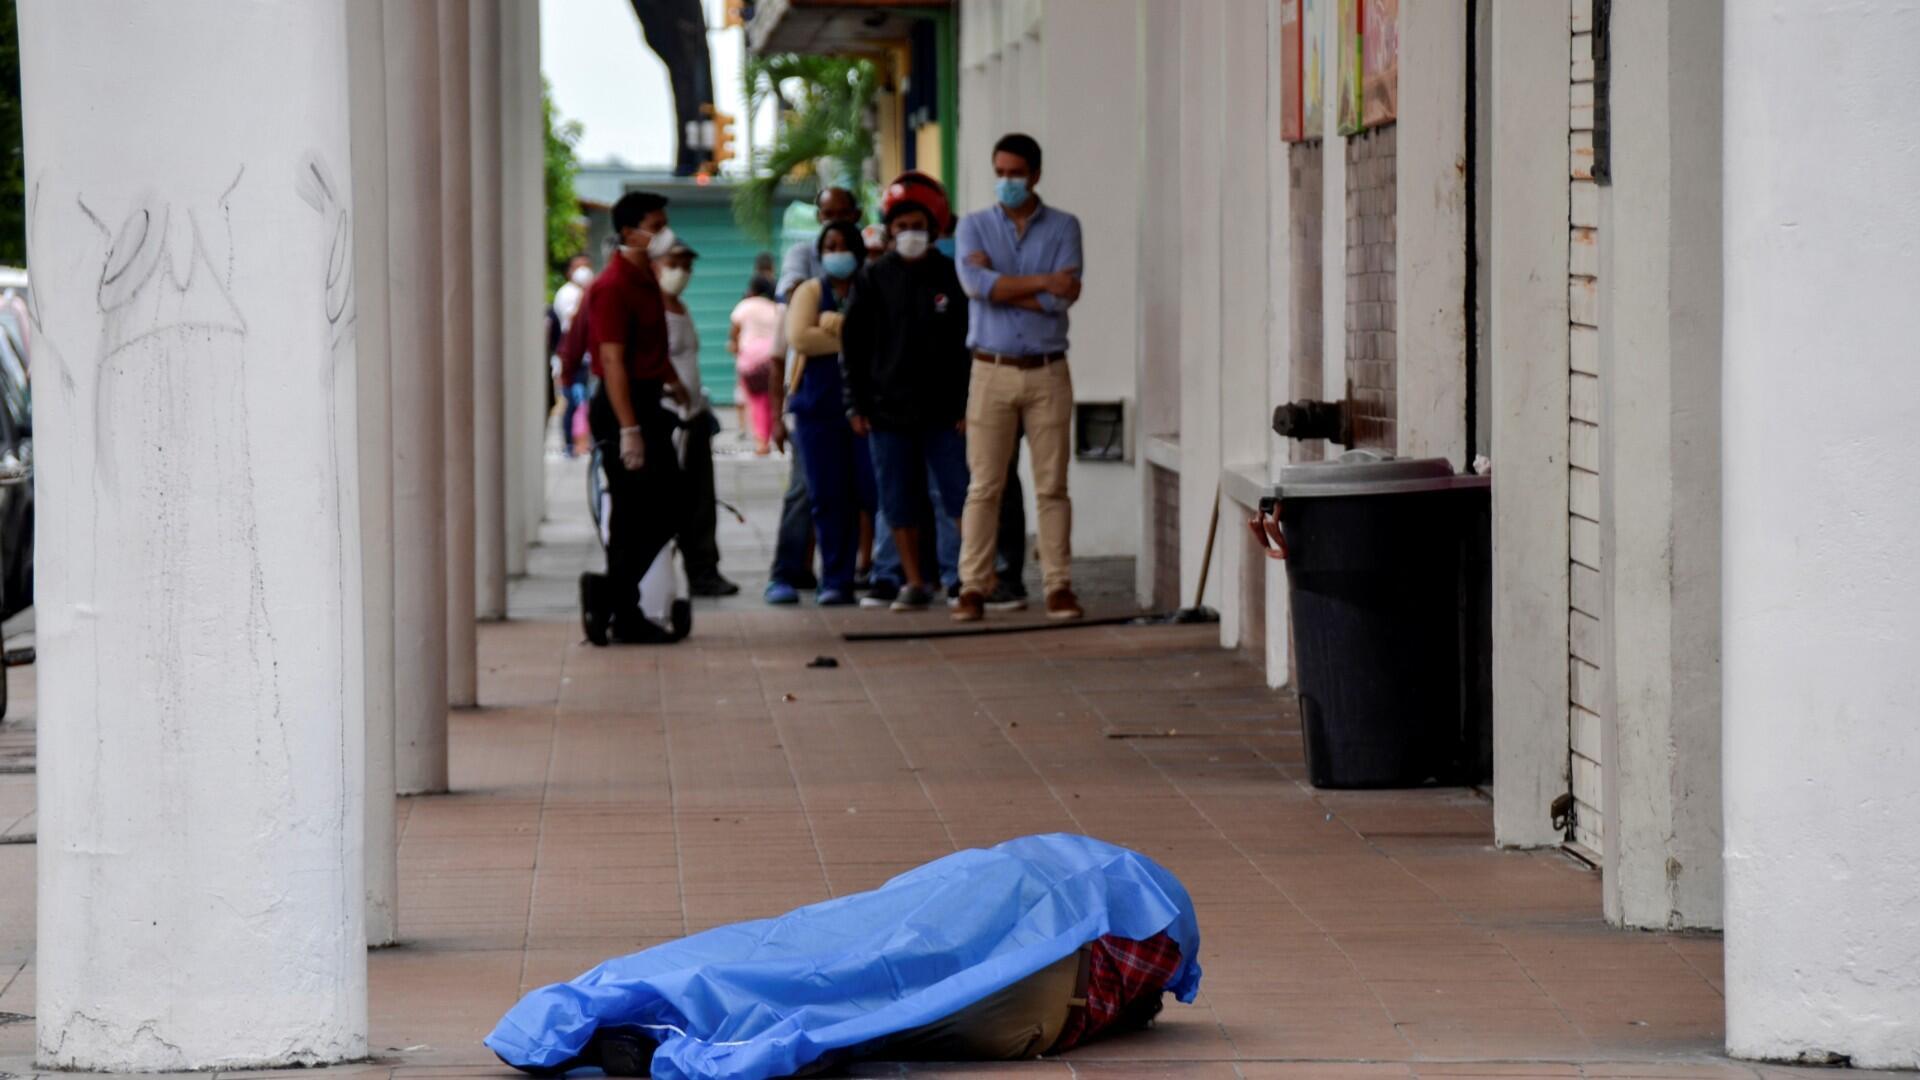 La gente hace cola afuera de una tienda cerca del cadáver de un hombre que se había derrumbado en la acera, durante el brote de la enfermedad por coronavirus (COVID-19), en Guayaquil, Ecuador, 30 de marzo de 2020.